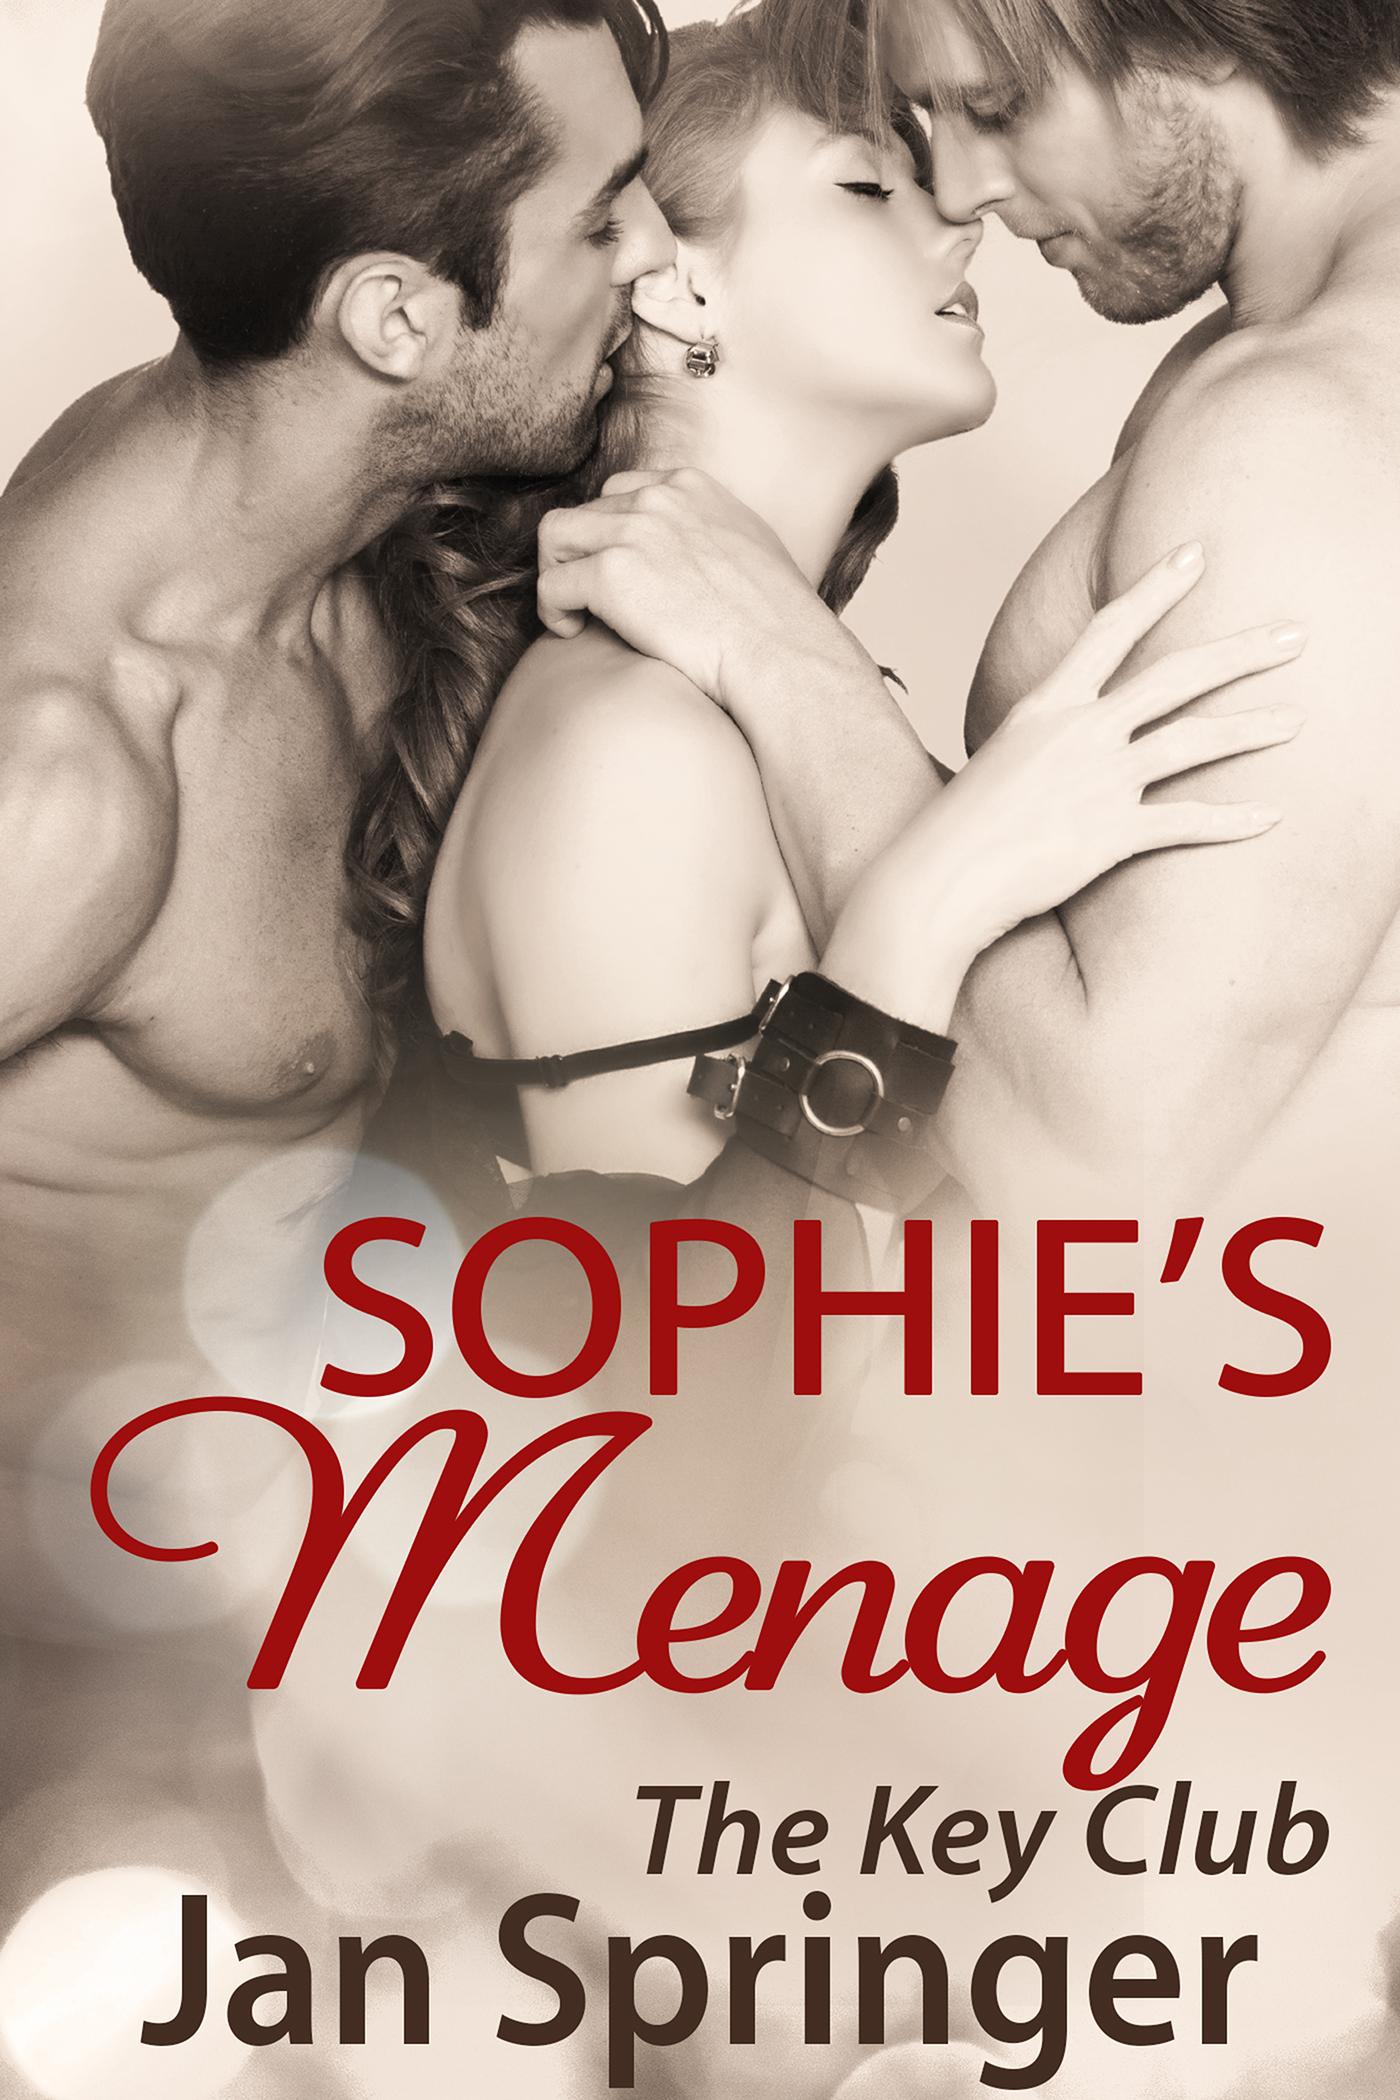 Sophie's menage (#4 the key club)